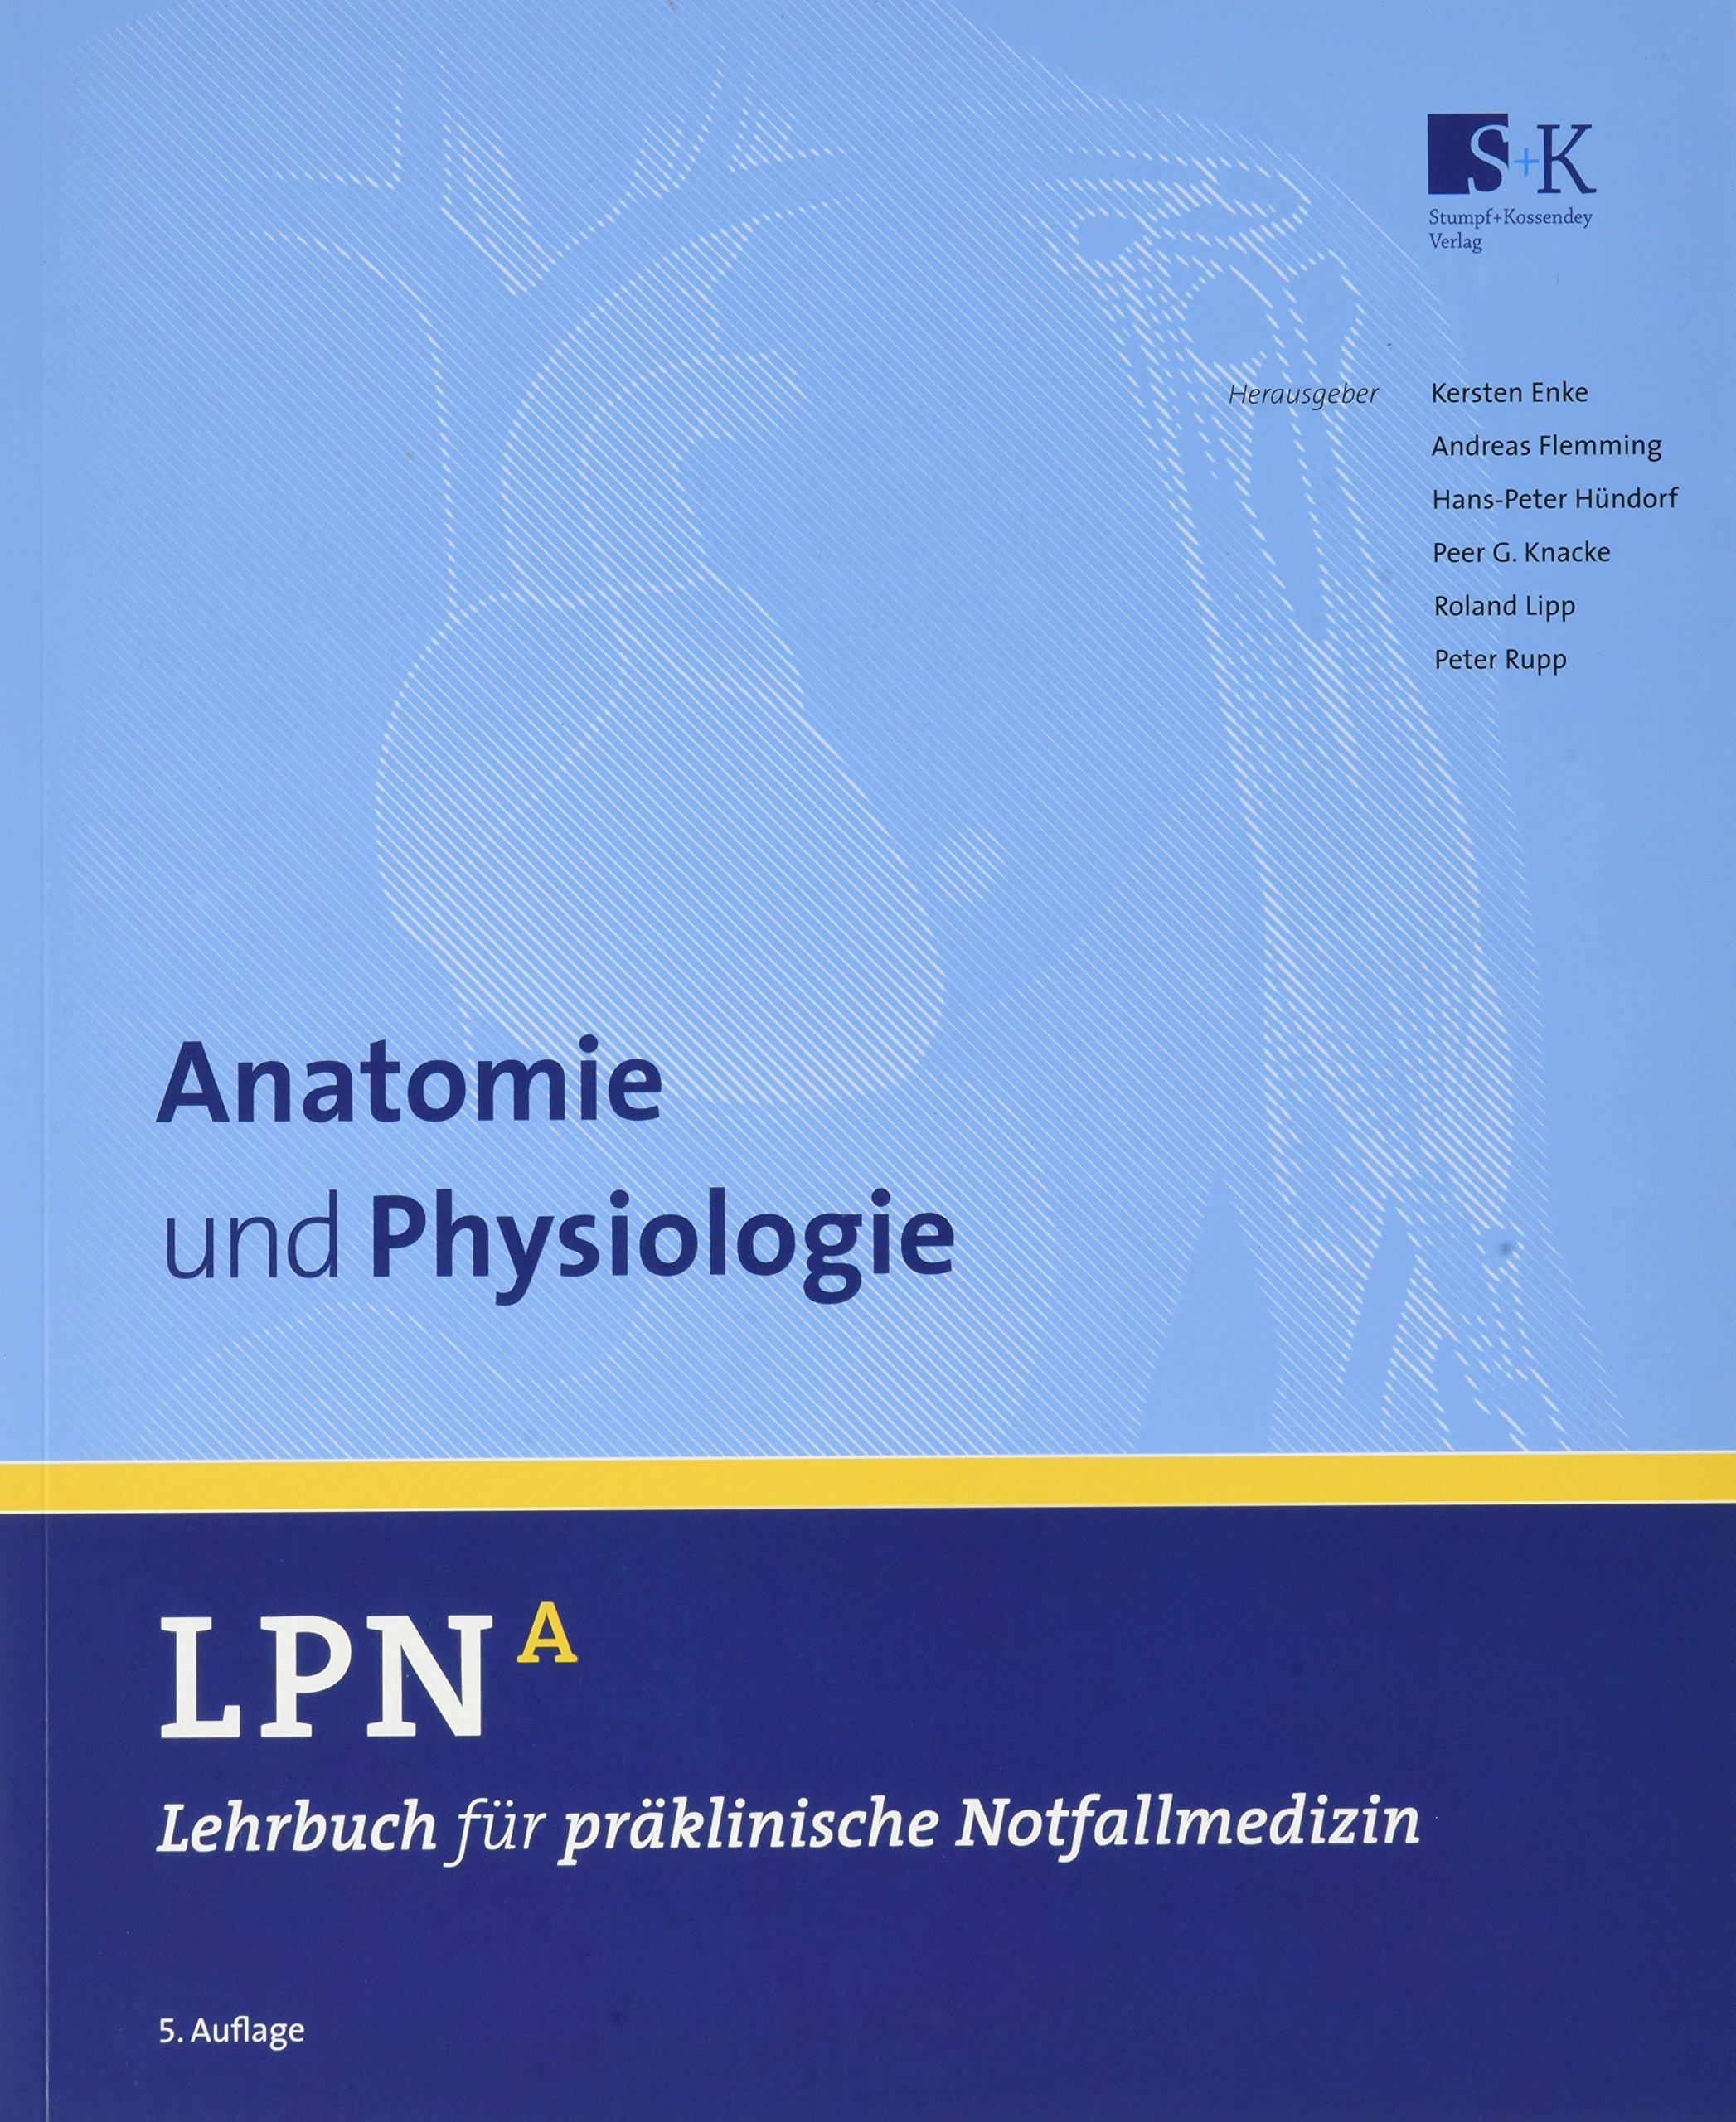 LPN - Lehrbuch für präklinische Notfallmedizin Band A. Anatomie und ...